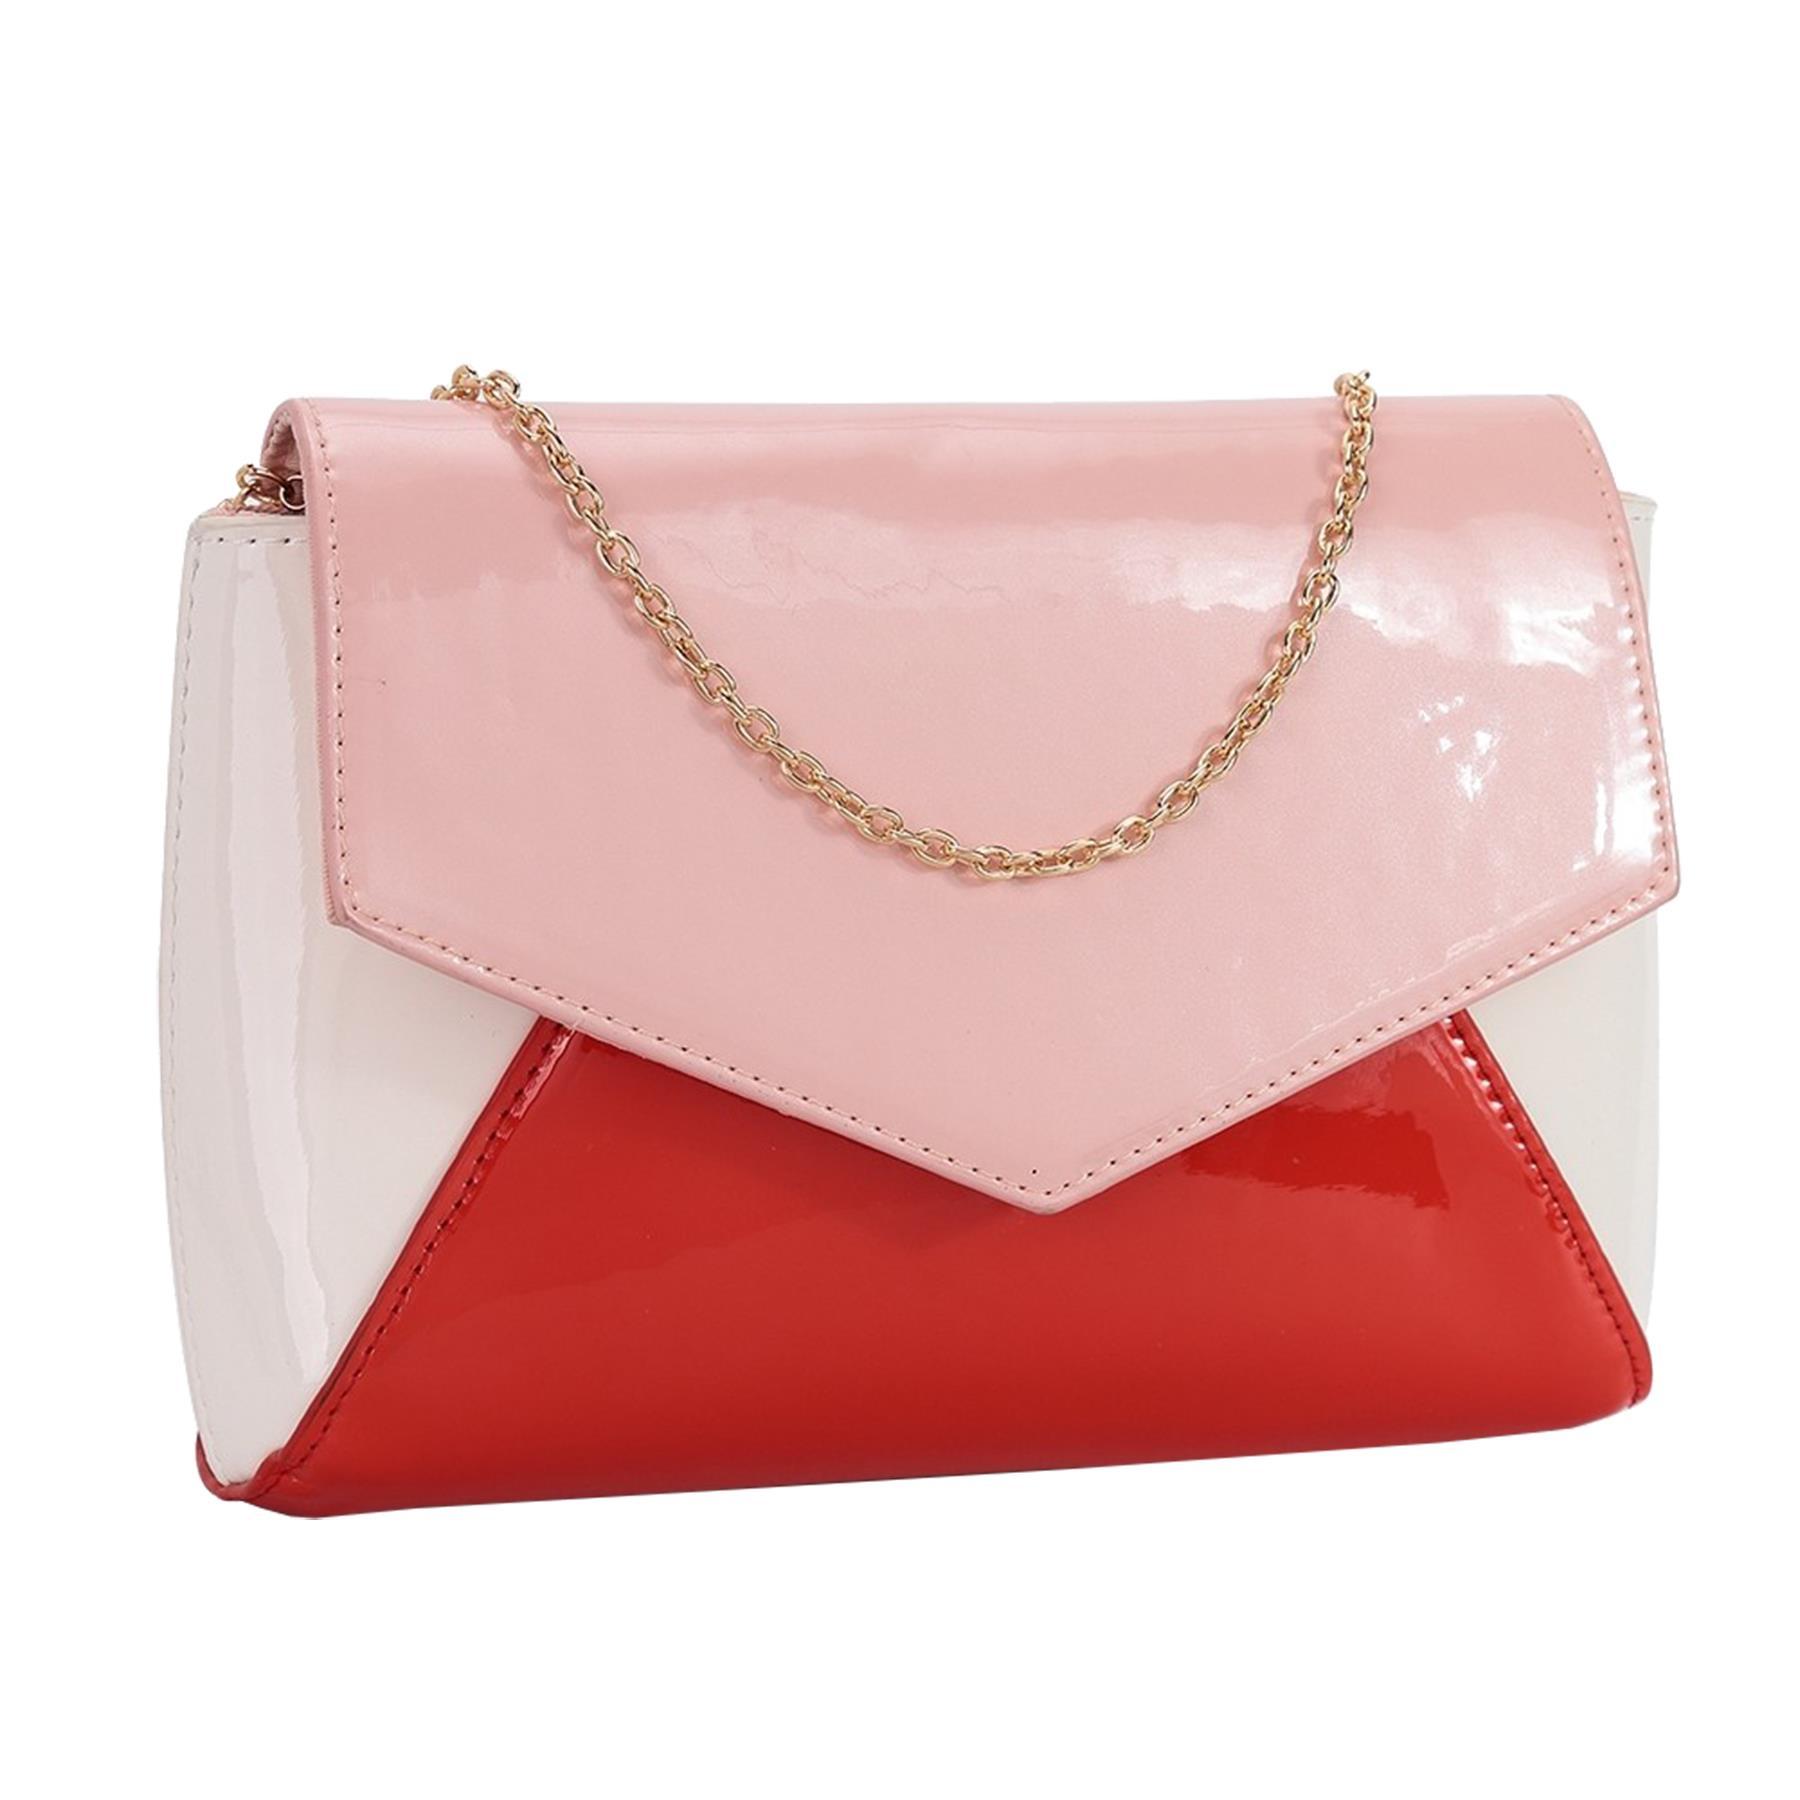 New-Women-s-Faux-Leather-Patent-Multicolour-Envelope-Clutch-Bag-Purse thumbnail 6